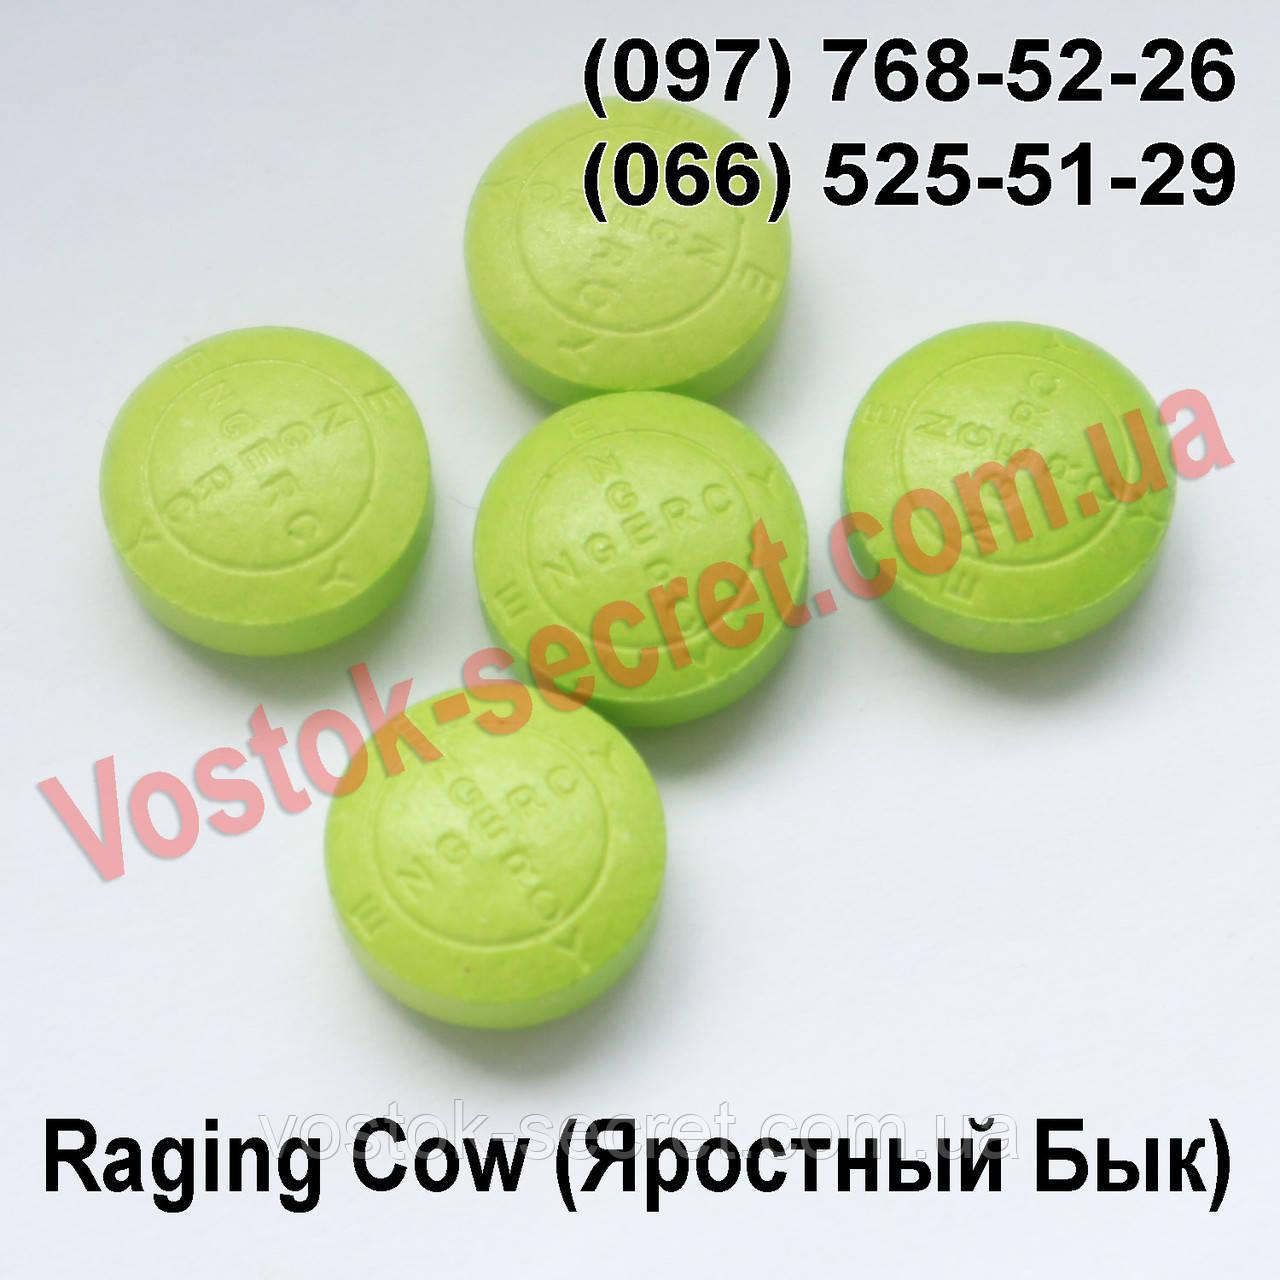 Яростный Бык (Raging Cow),  препарт для потенции. Пробник, 1 таблетка